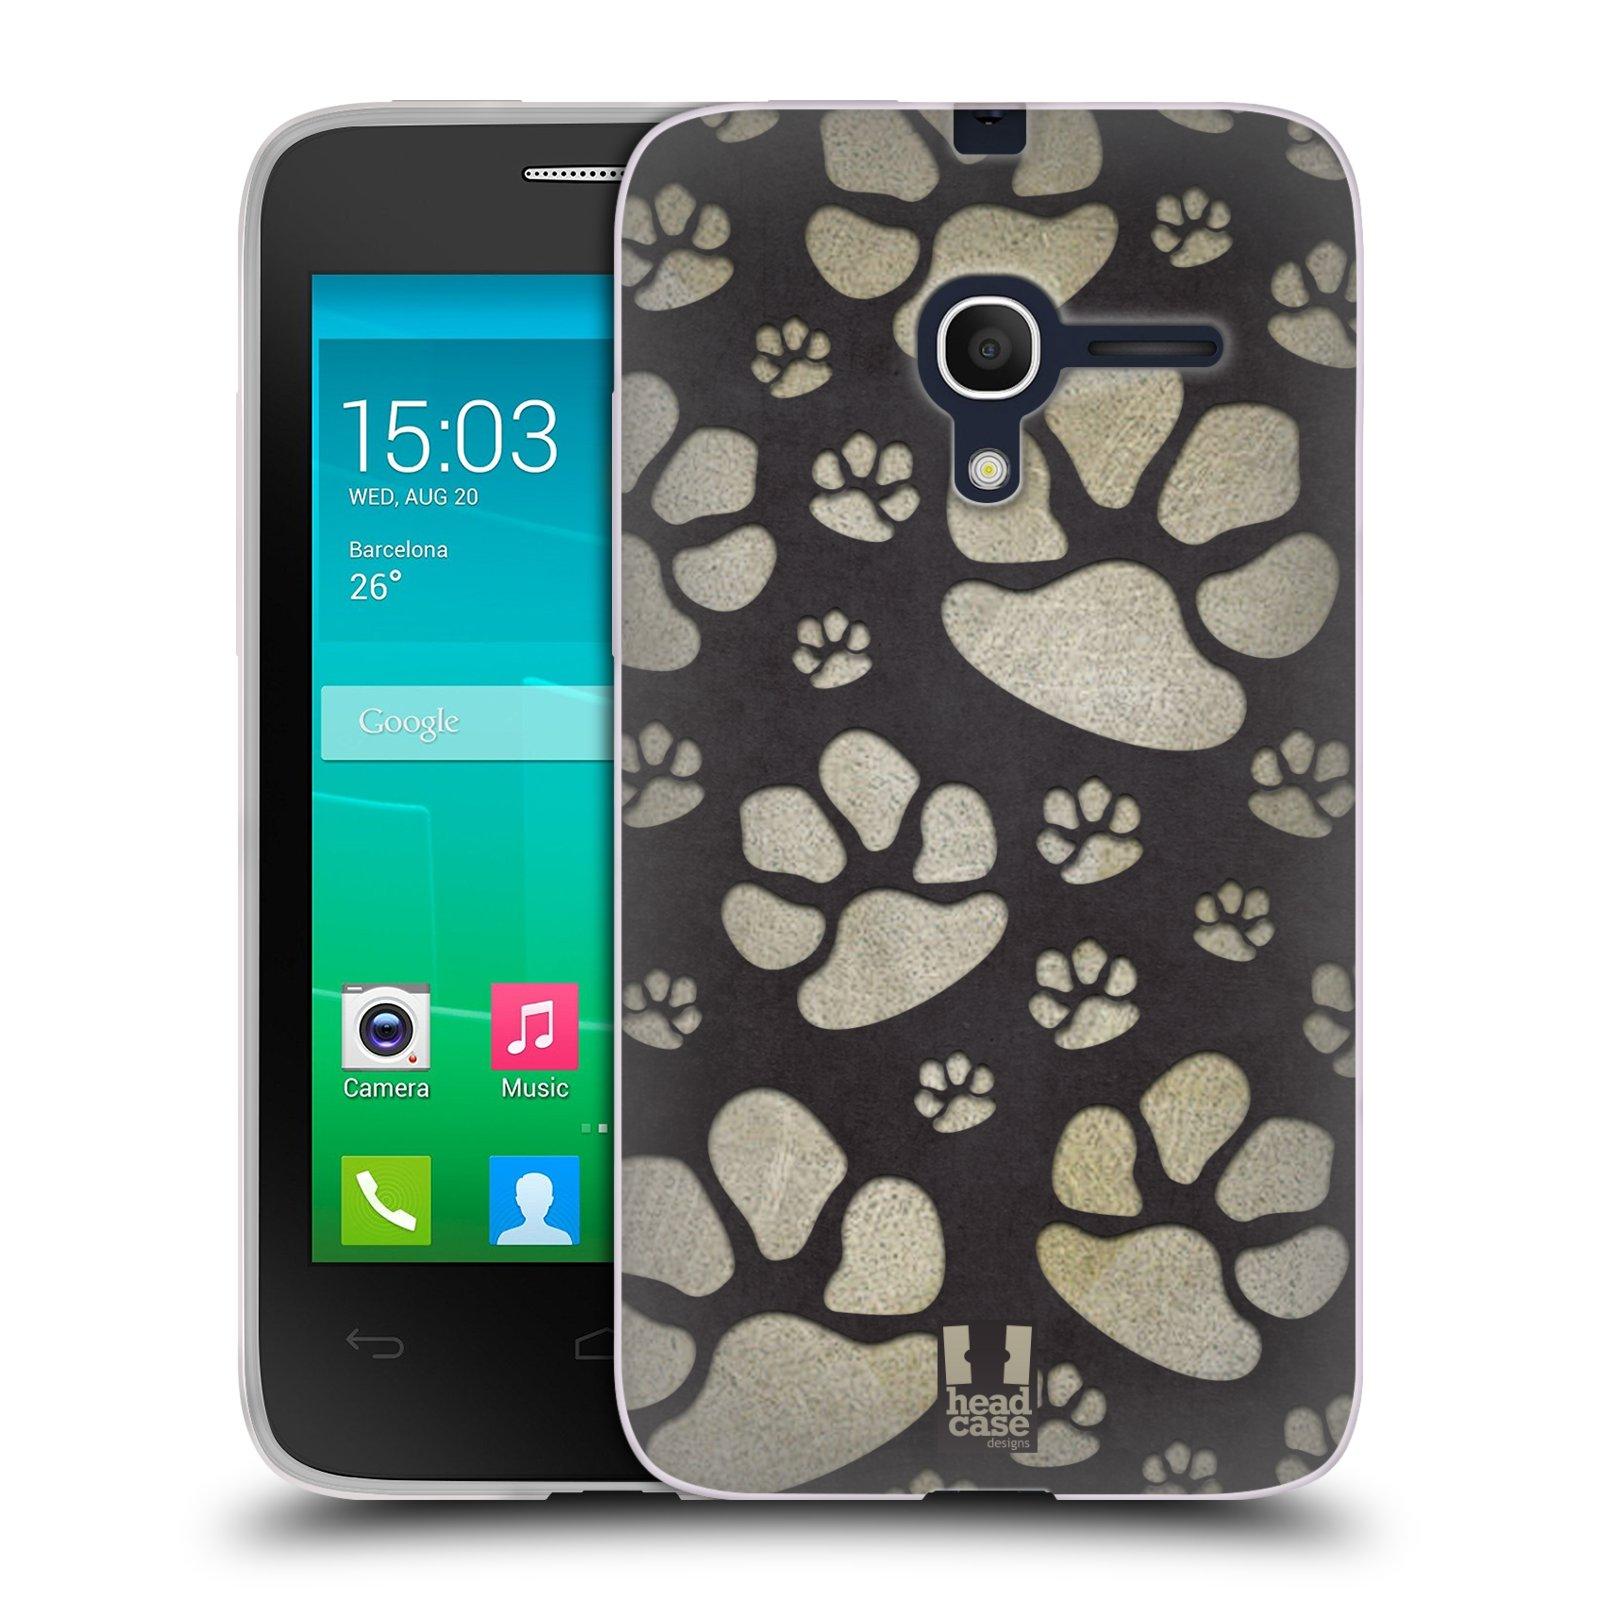 Silikonové pouzdro na mobil Alcatel One Touch Pop D3 HEAD CASE TLAPKY ŠEDÉ (Silikonový kryt či obal na mobilní telefon Alcatel OT- 4035D POP D3)